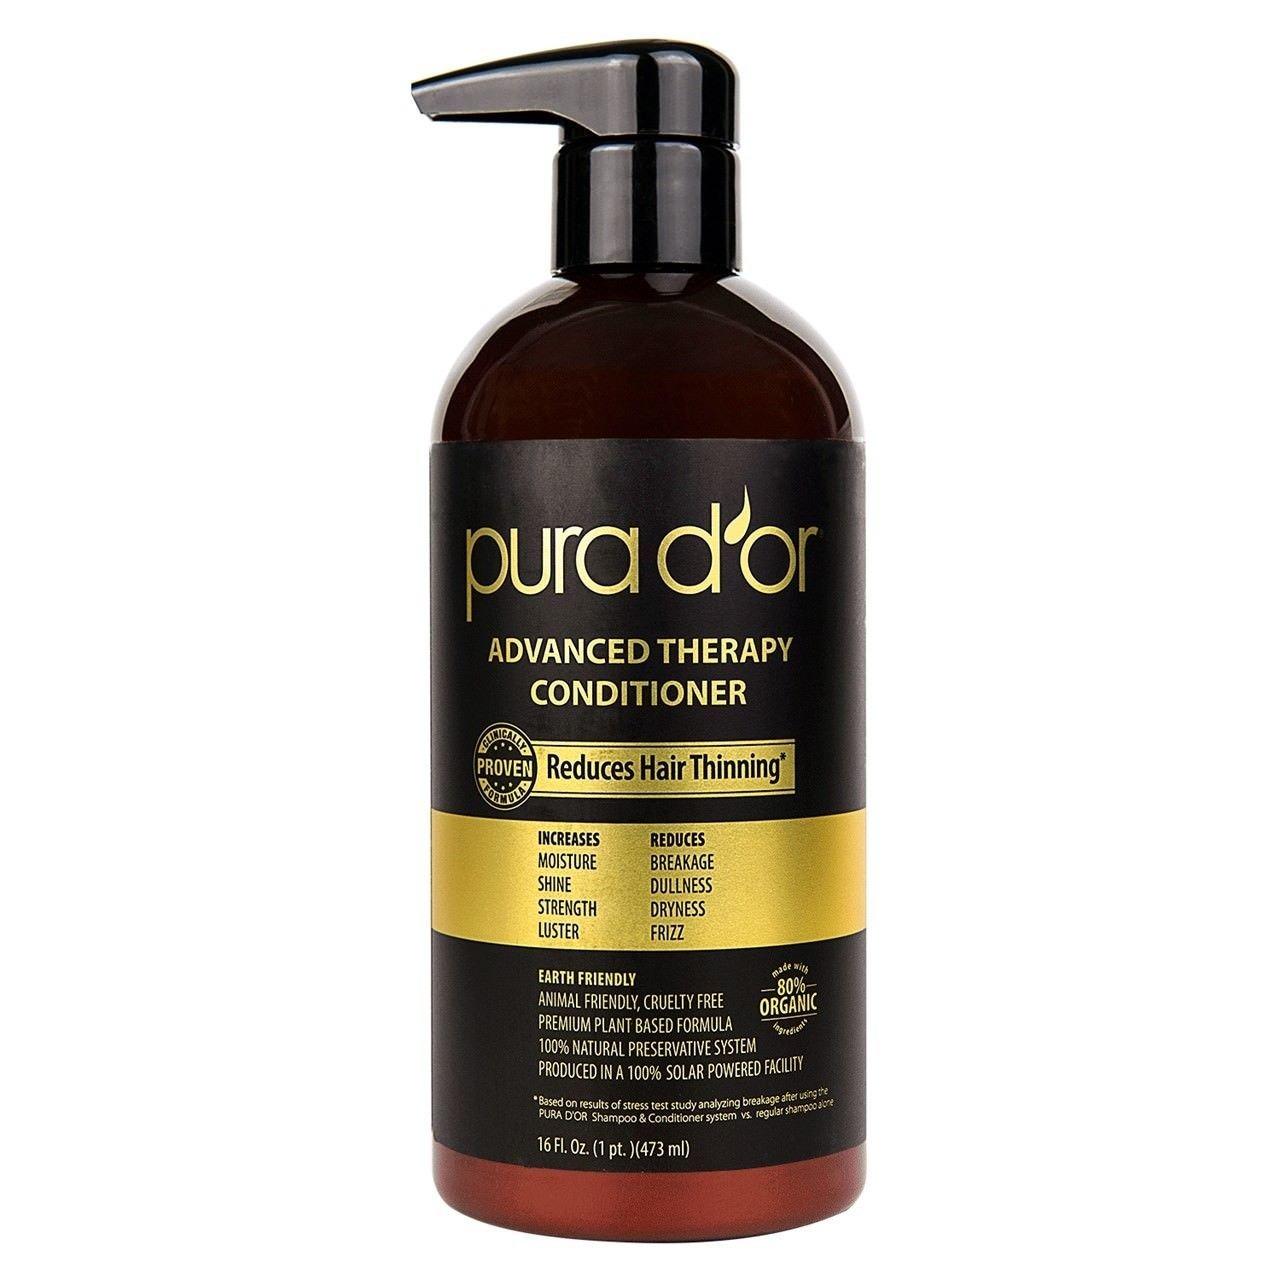 pura d'or Advanced Therapy Conditioner 24 FL. OZ.